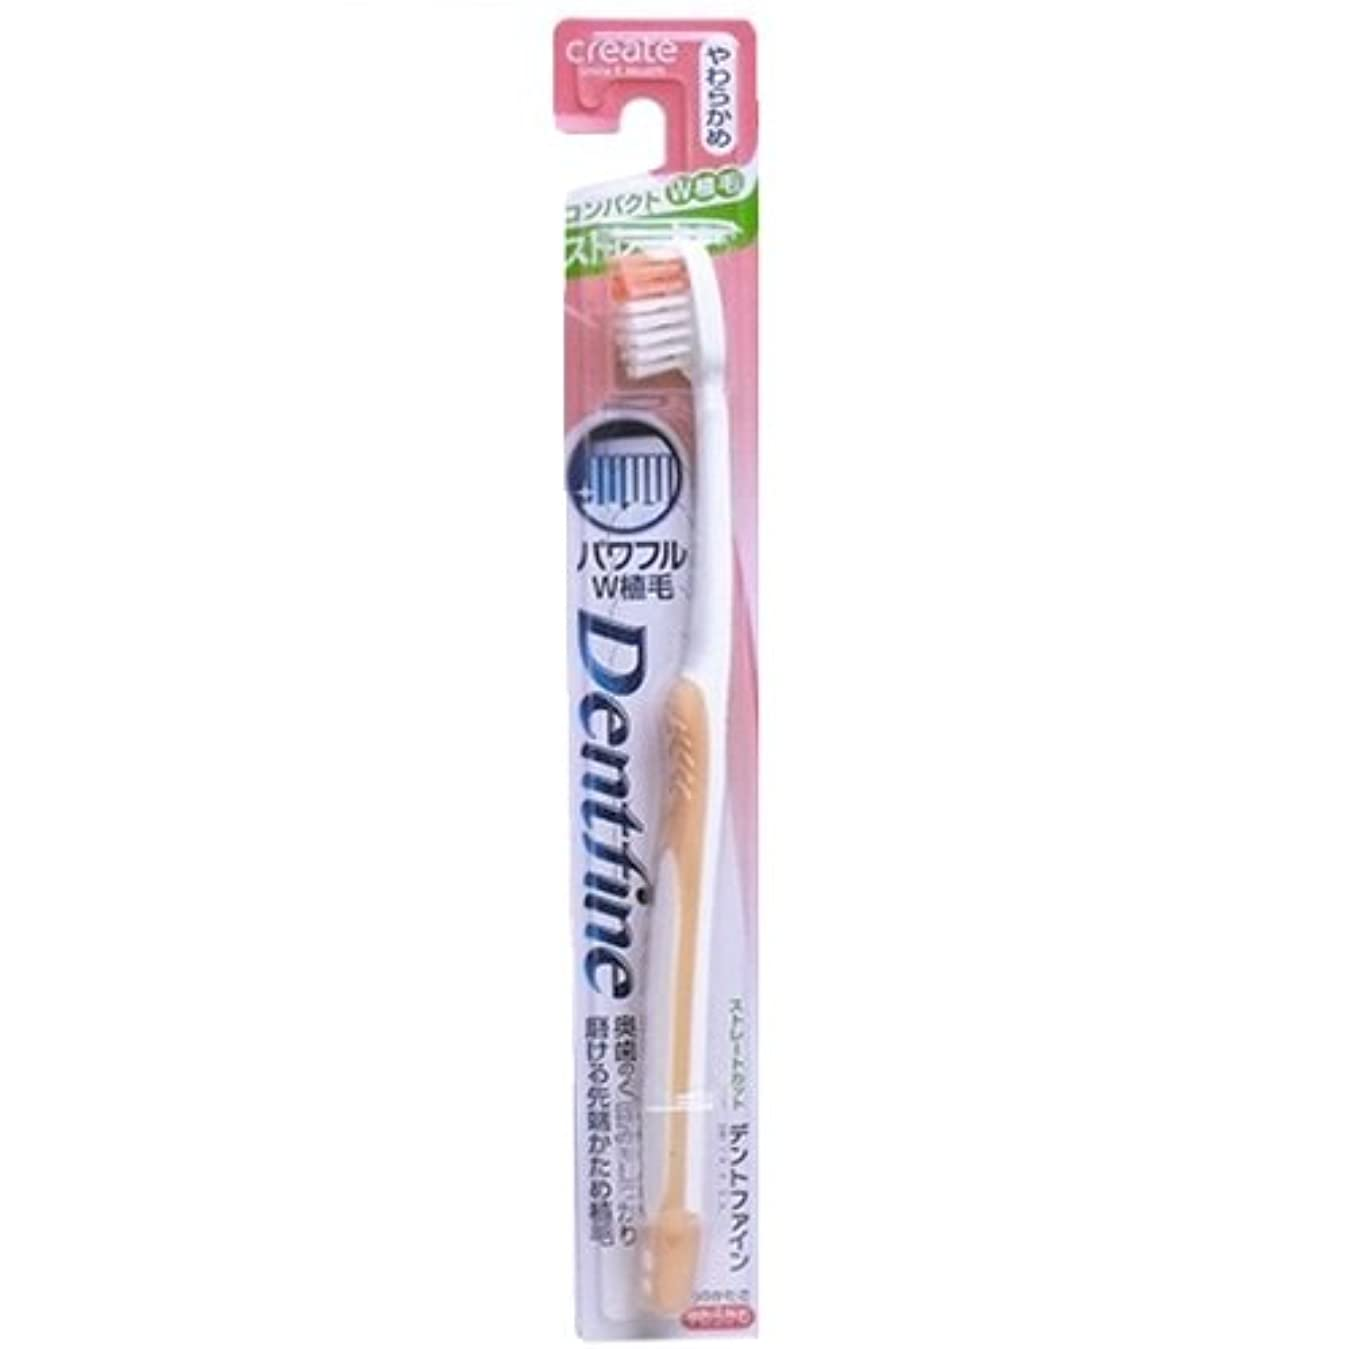 ハンディキャップ地域のすでにデントファインラバーグリップ ストレートカット歯ブラシ やわらかめ 1本:オレンジ